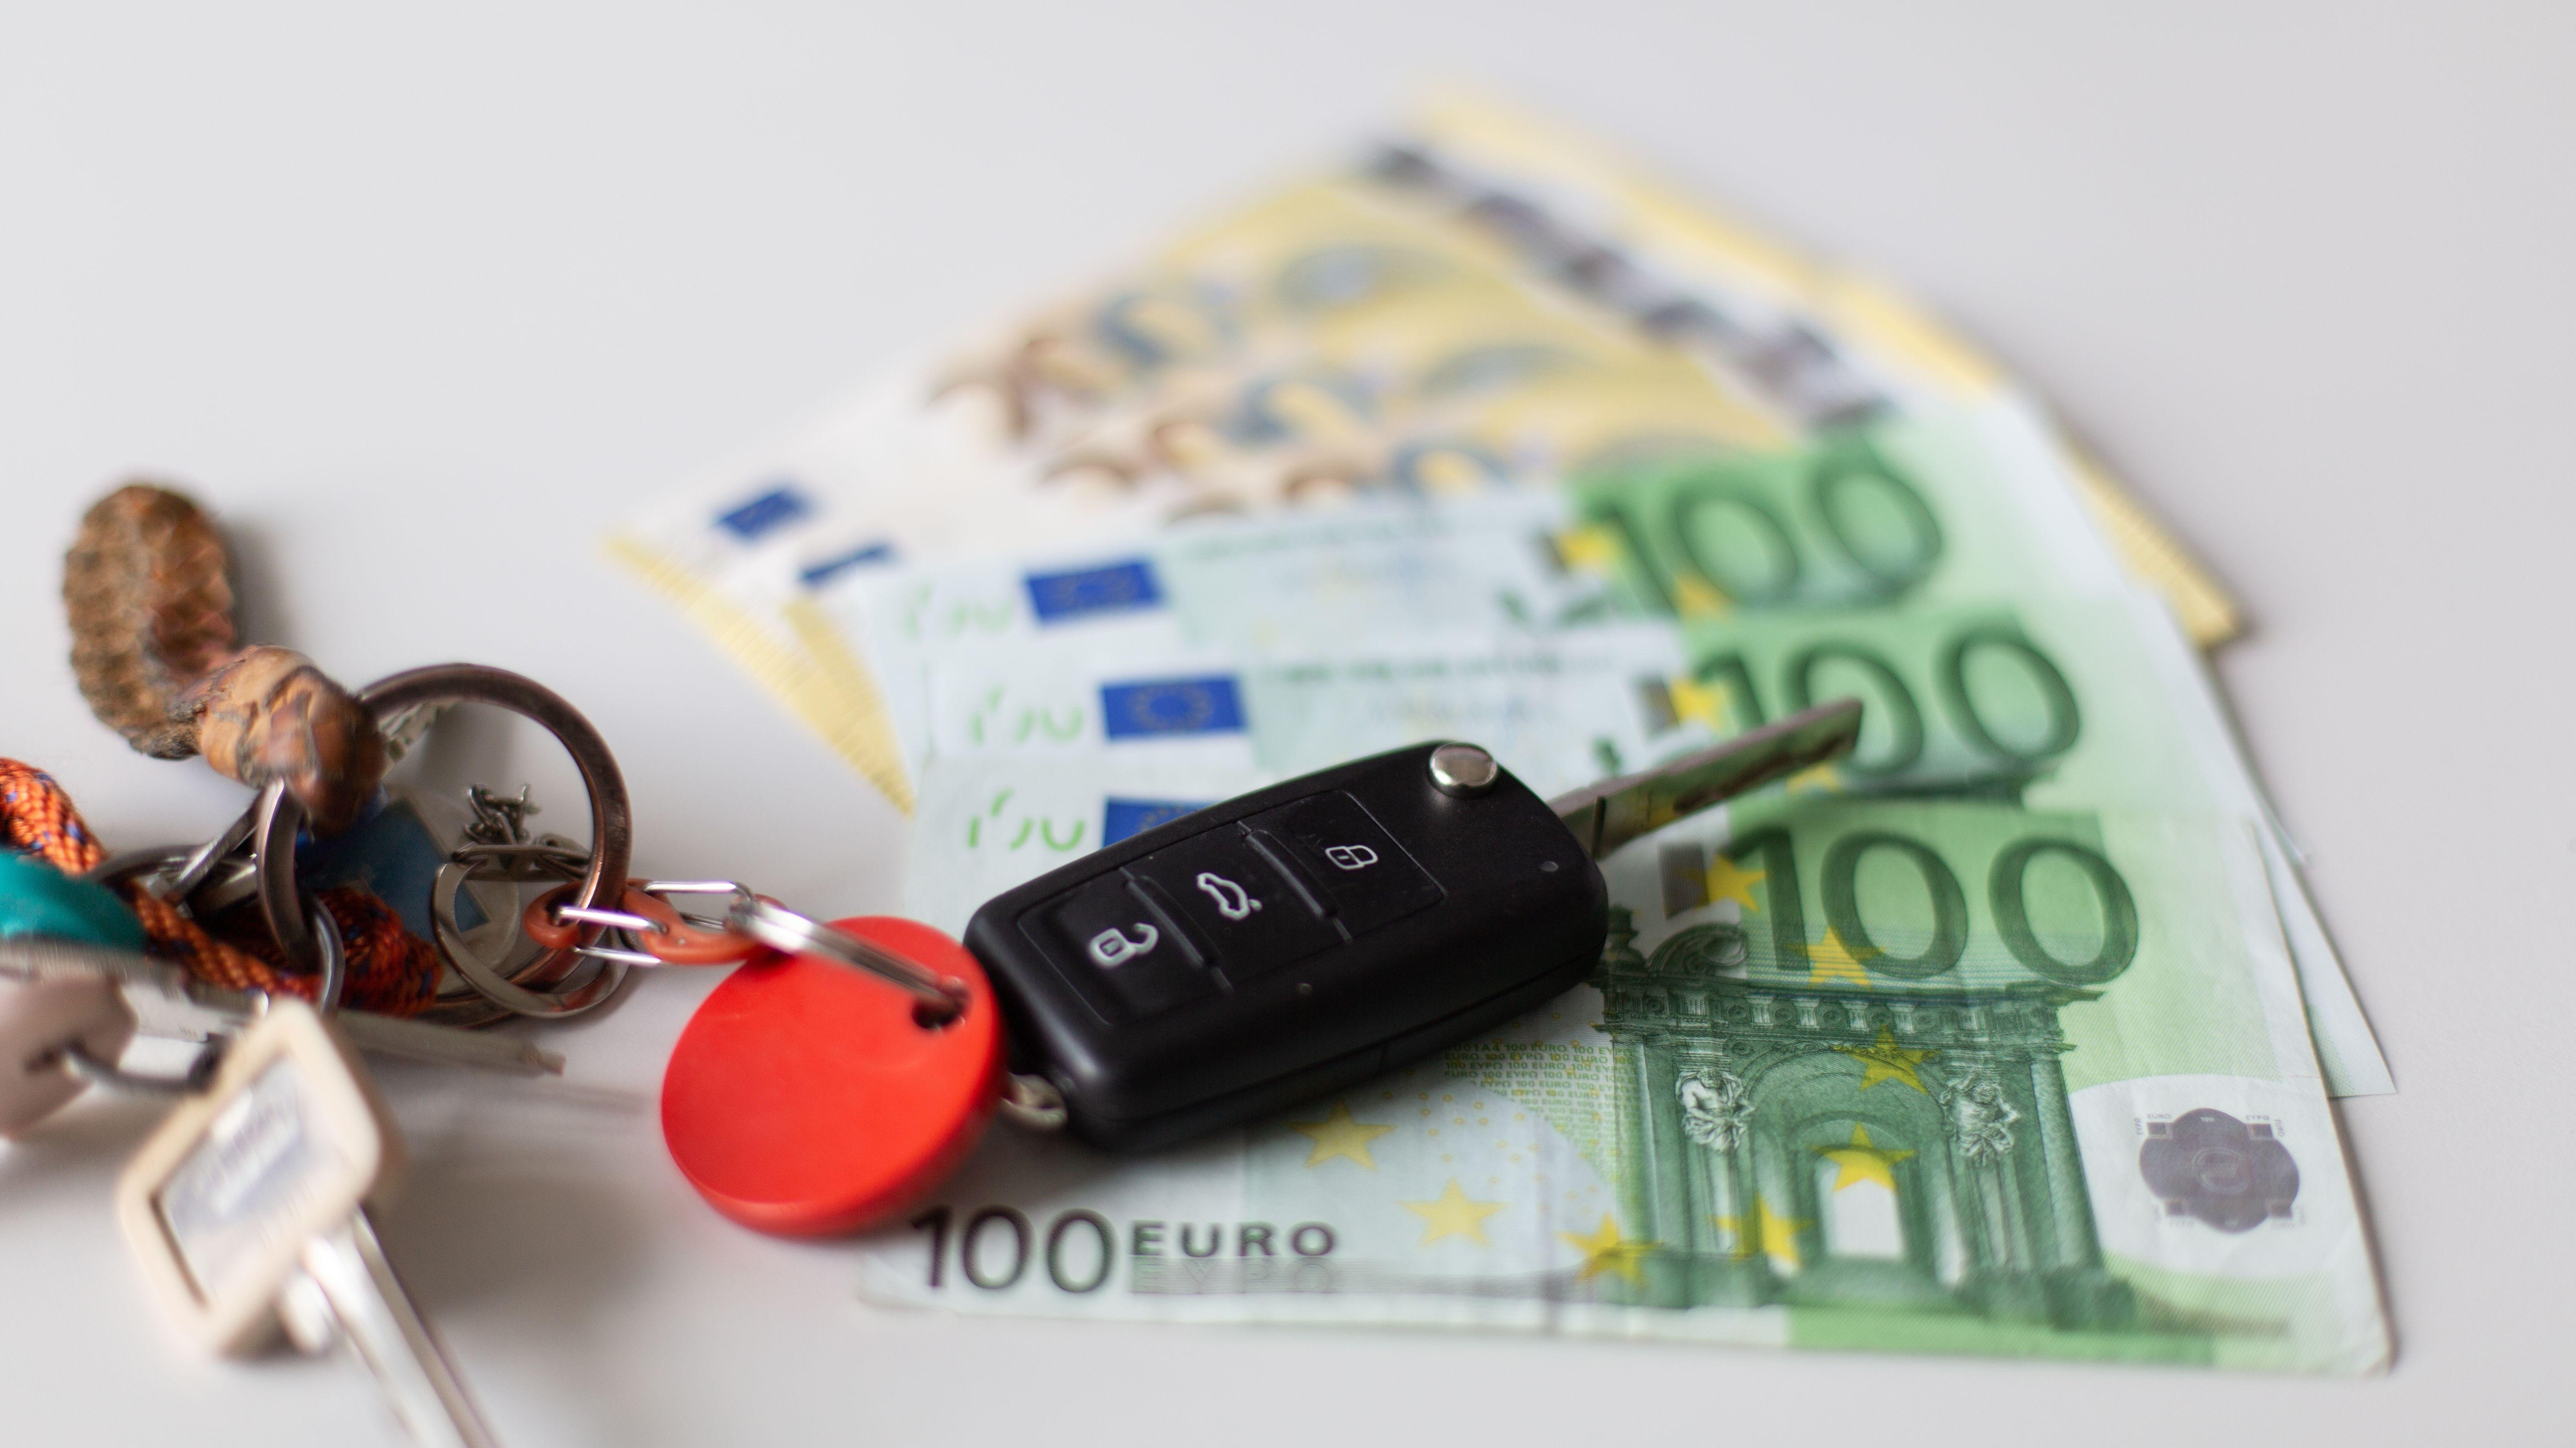 Ein Autoschlüssel auf mehreren aufgefächerten Geldscheinen